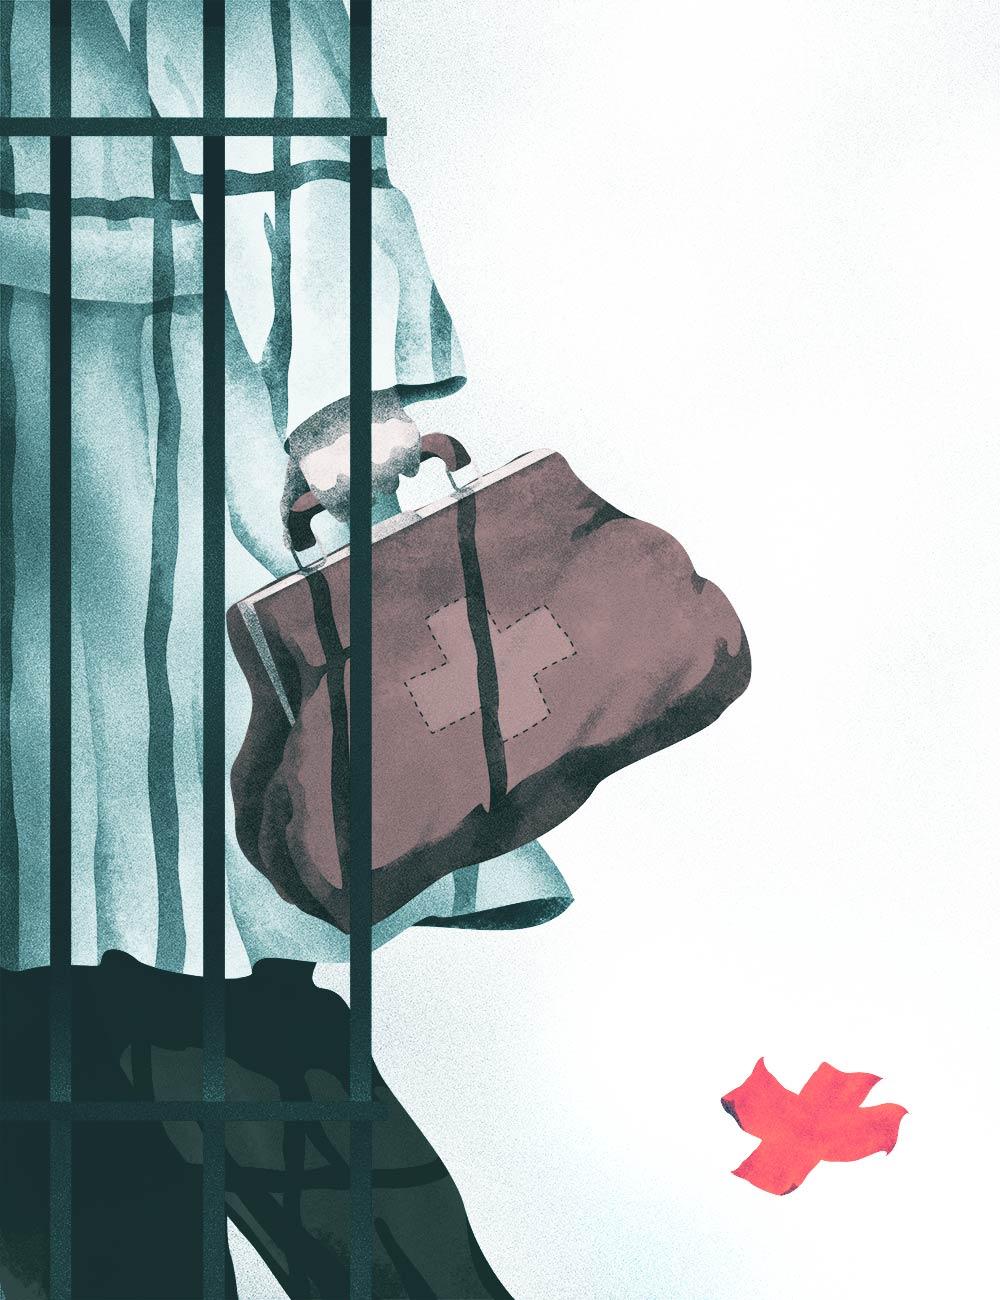 Le illustrazioni concettuali di Paolo Beghini | Collater.al 5